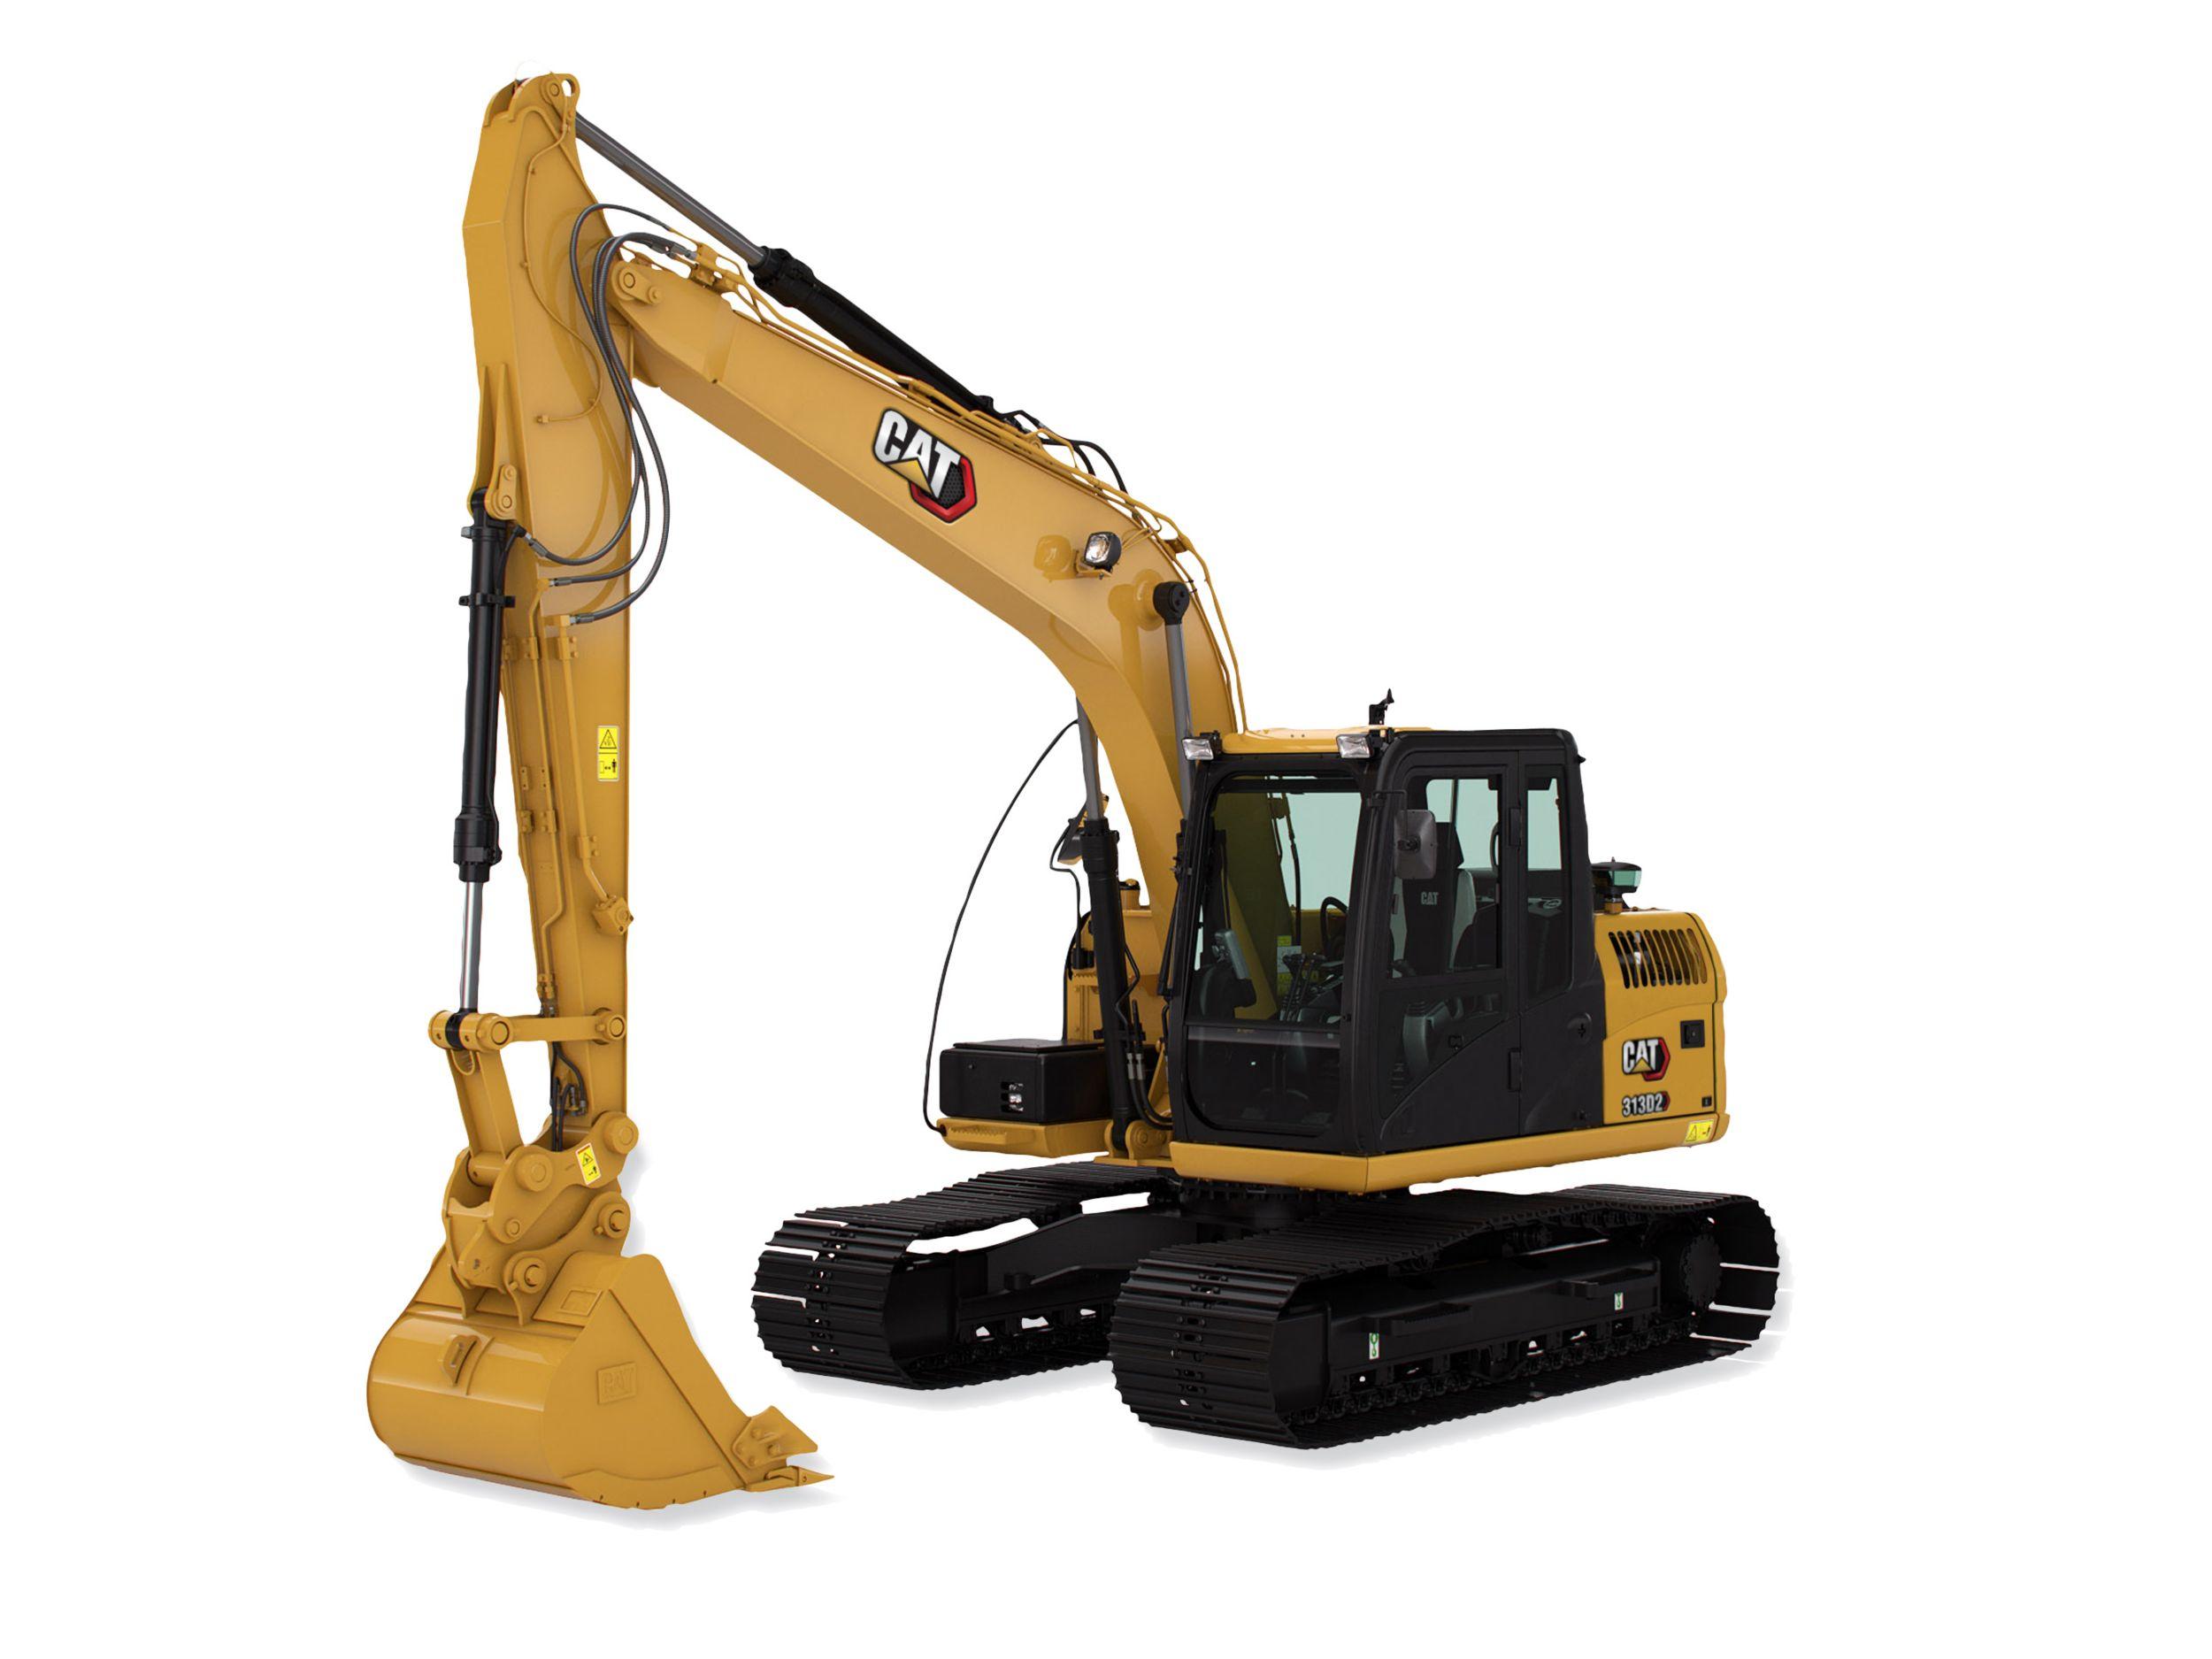 313D2L excavators